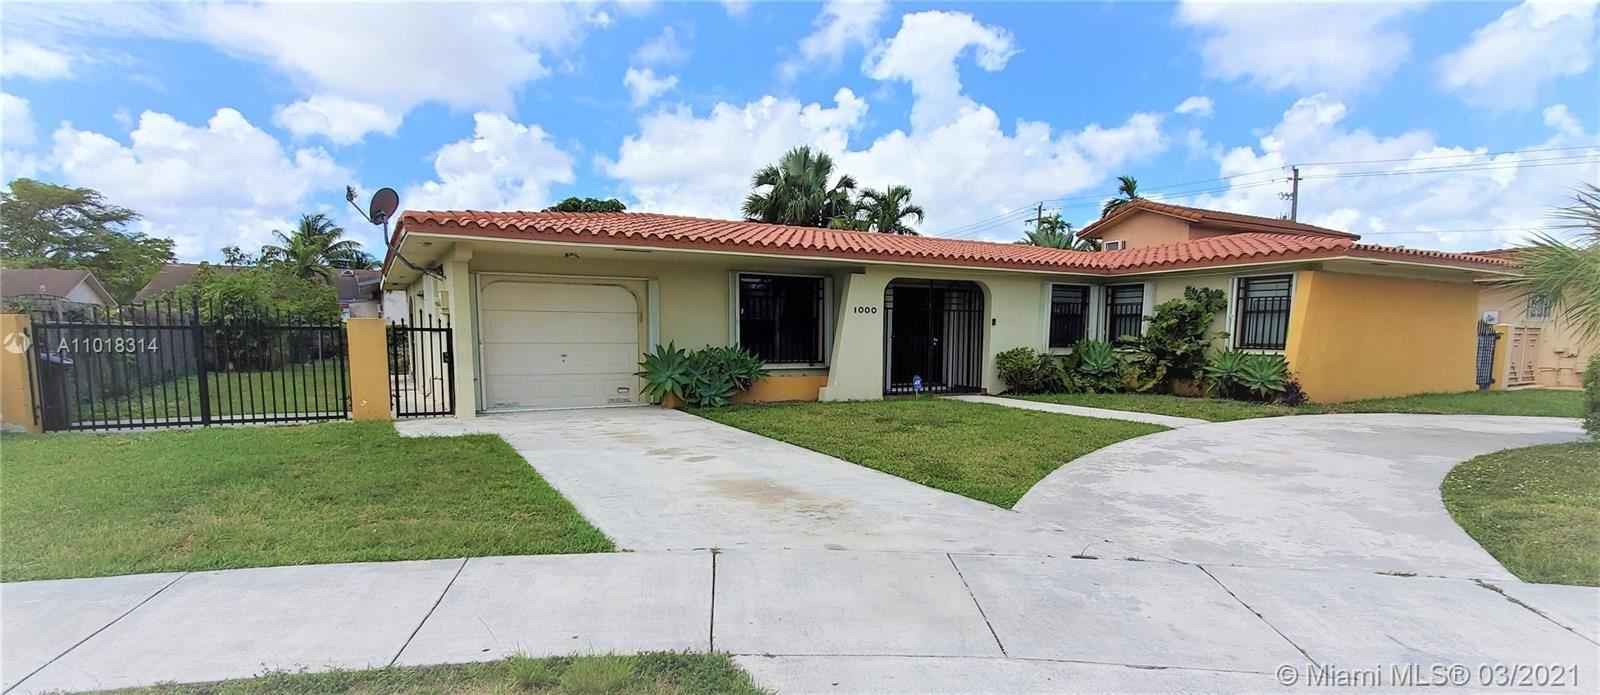 1000 SW 87th Ct, Miami, FL 33174 - #: A11018314